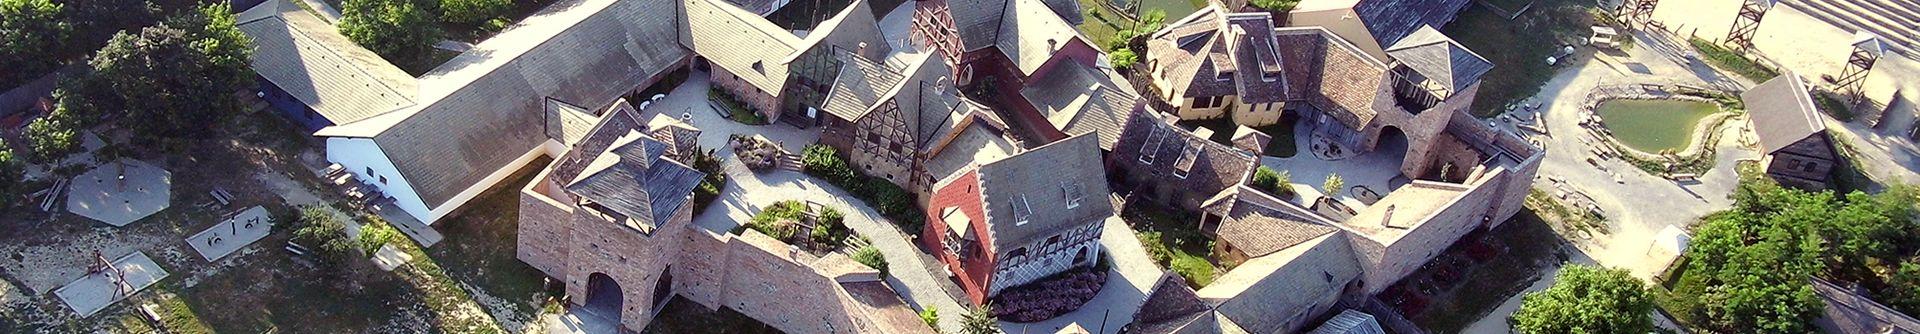 Élménybirtok Közvetlen a Kastélyszálló mellett megelevenedik a középkor.